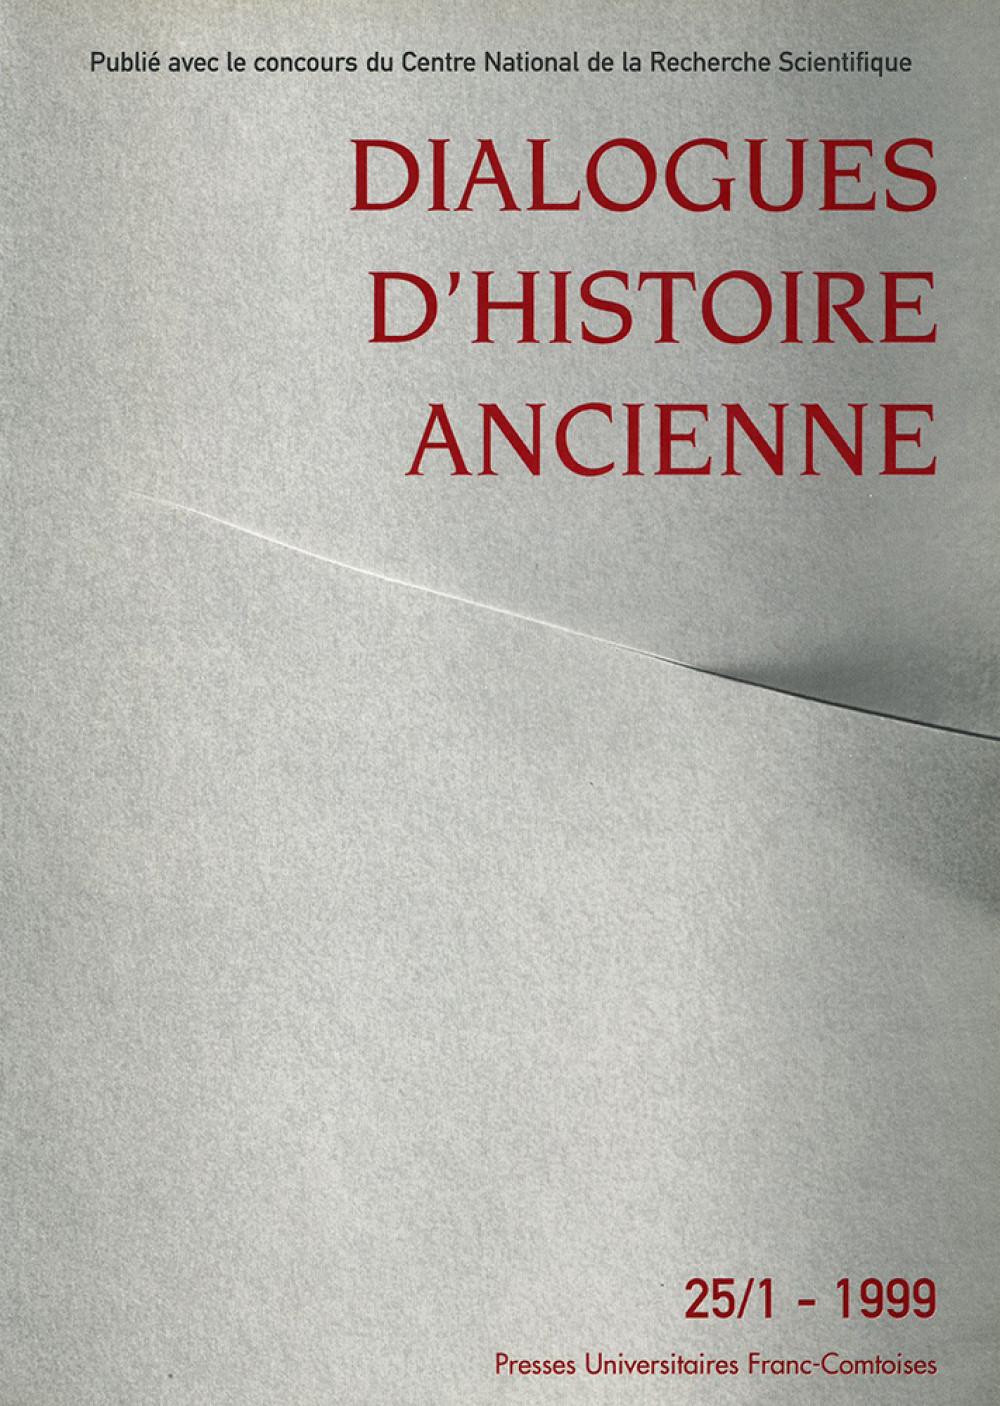 Dialogues d'Histoire Ancienne 25/1